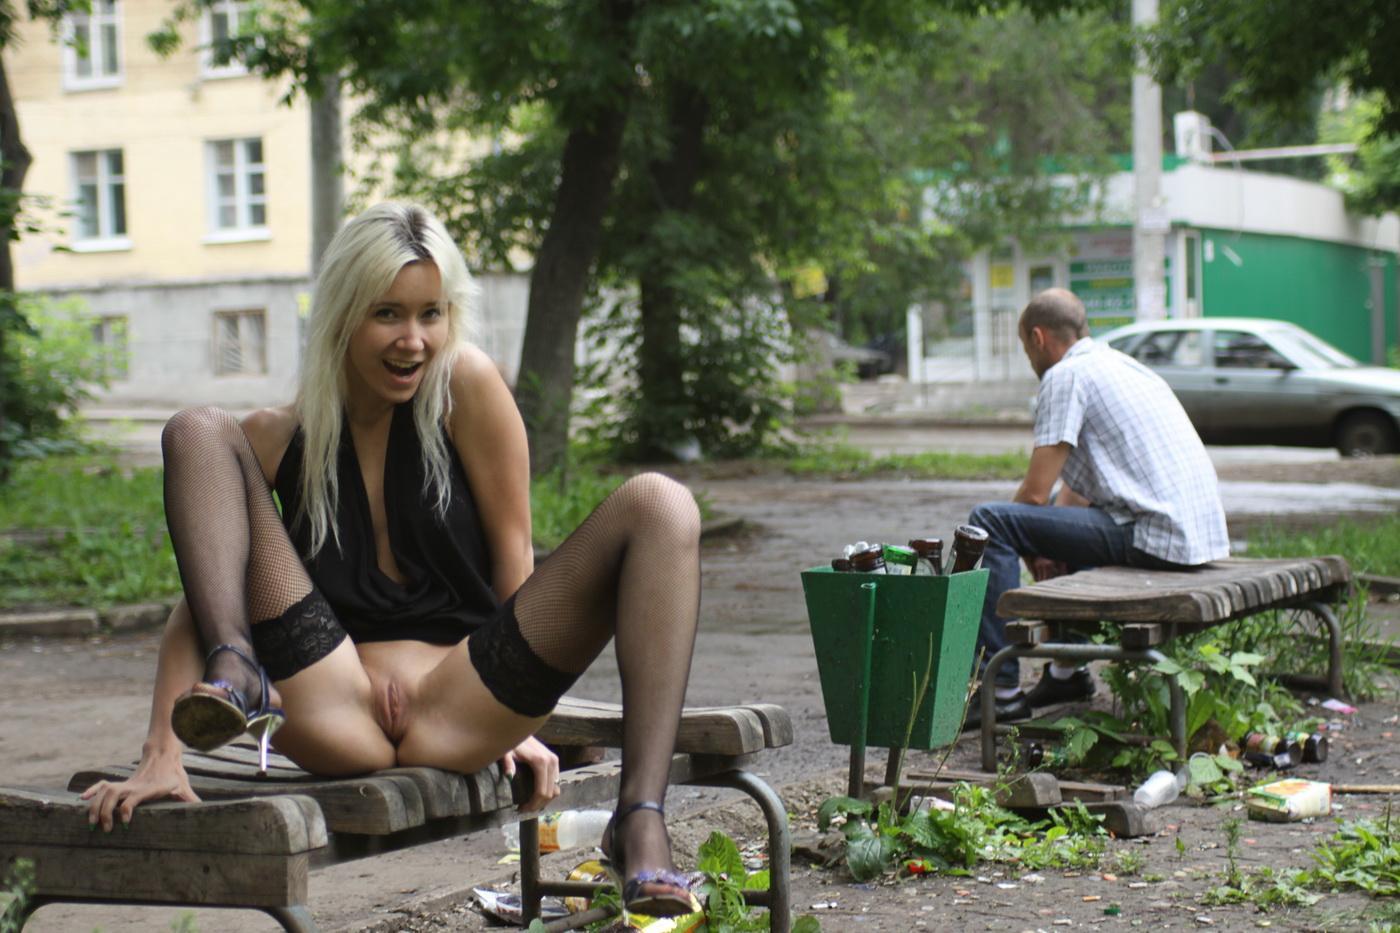 Видео сосет в людном месте фото голых женщин